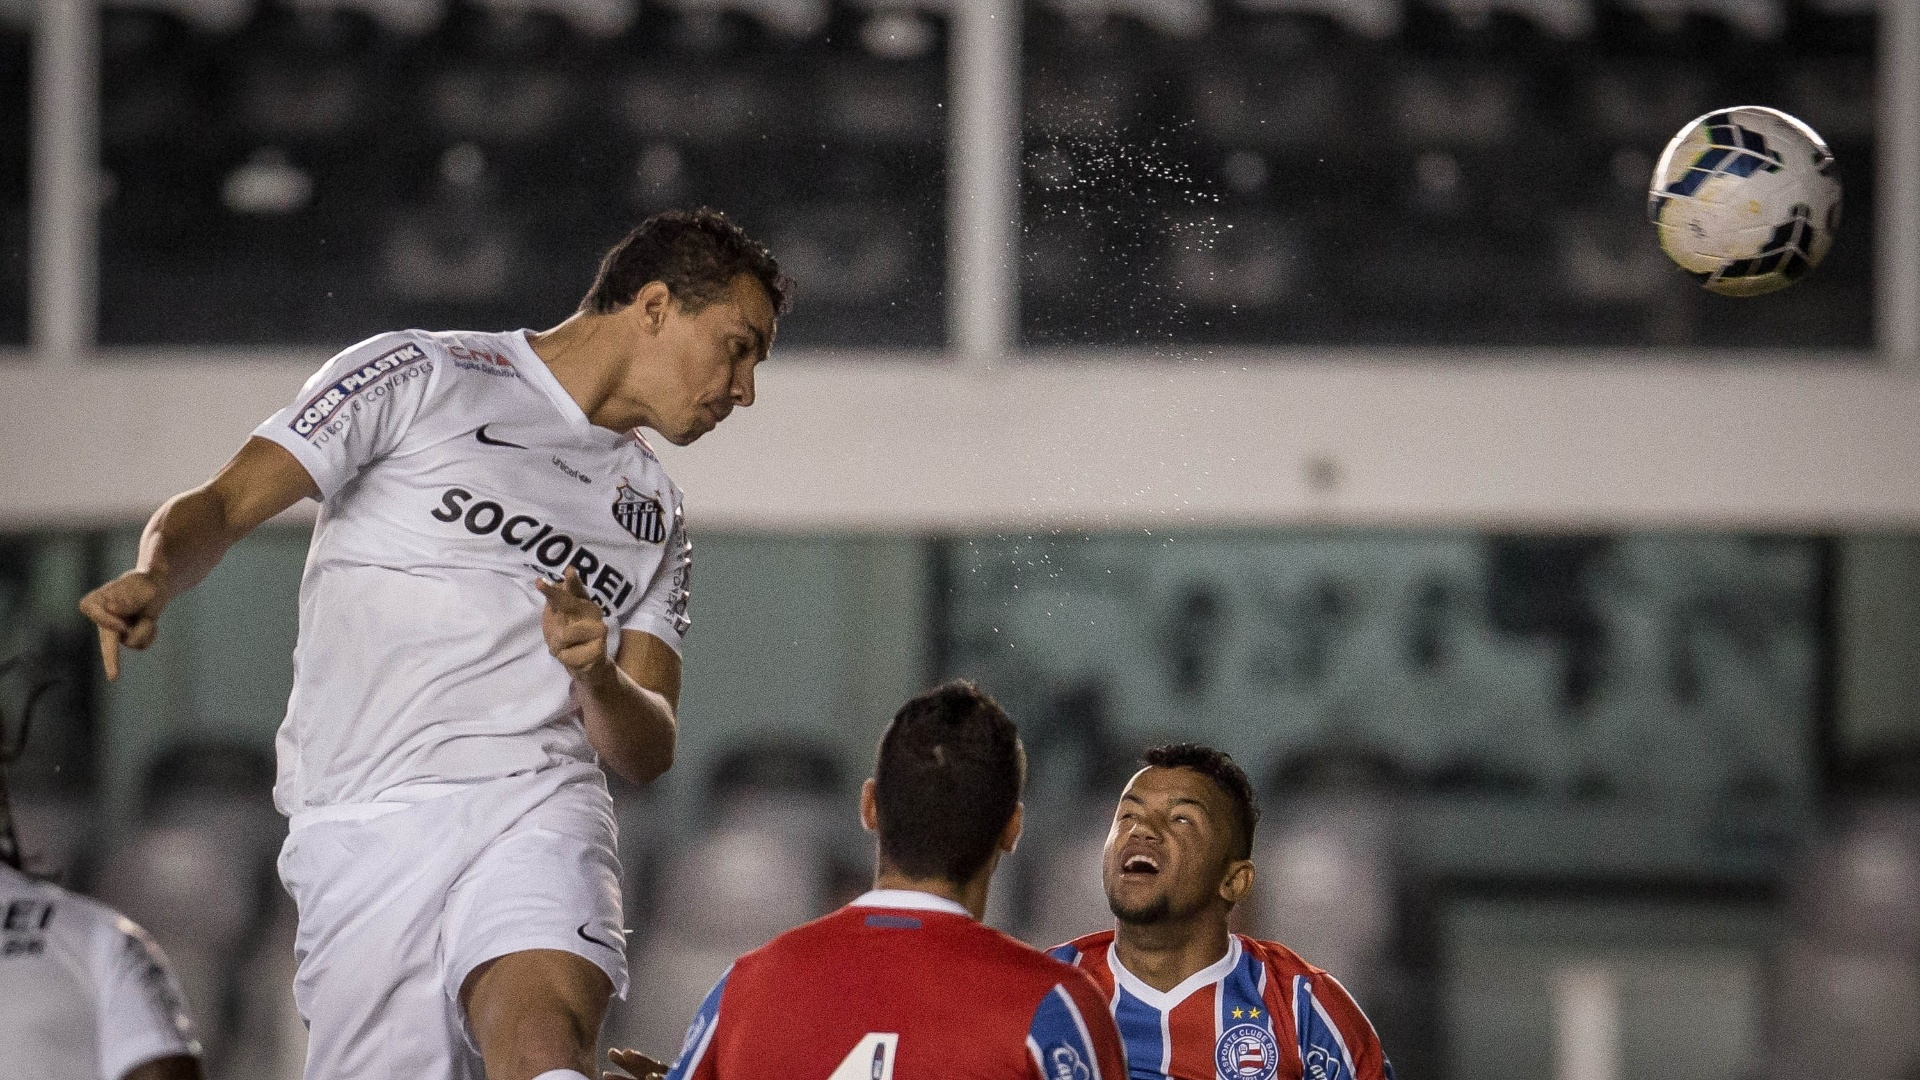 Damião participou das principais jogadas ofensivas do primeiro tempo